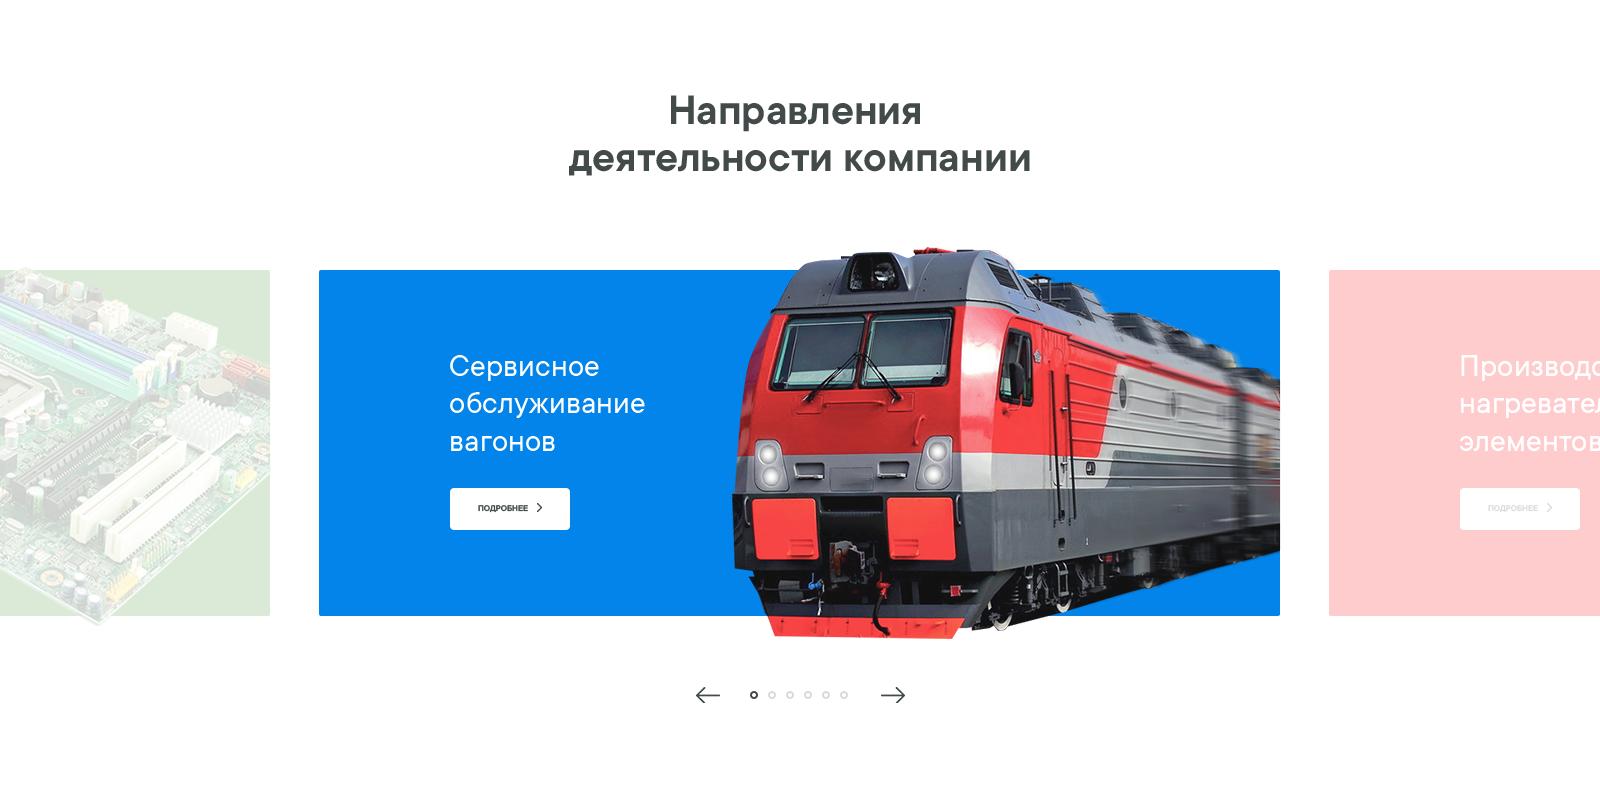 Дизайн сайта-визитки компании фото f_7015d2799fa105b3.png